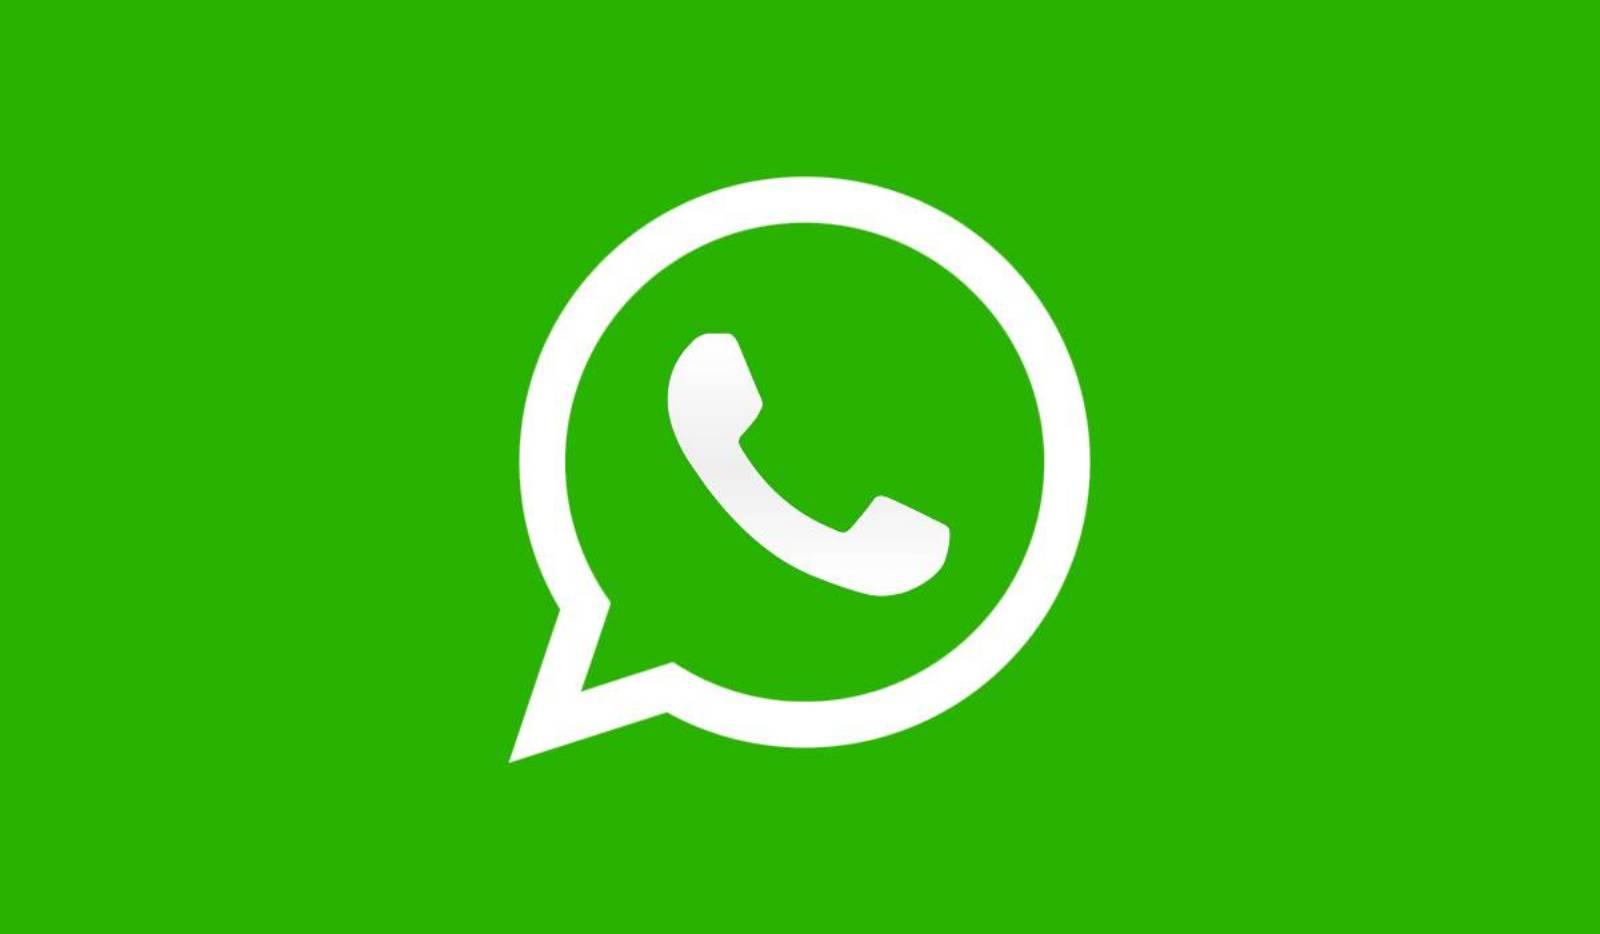 WhatsApp scurtari